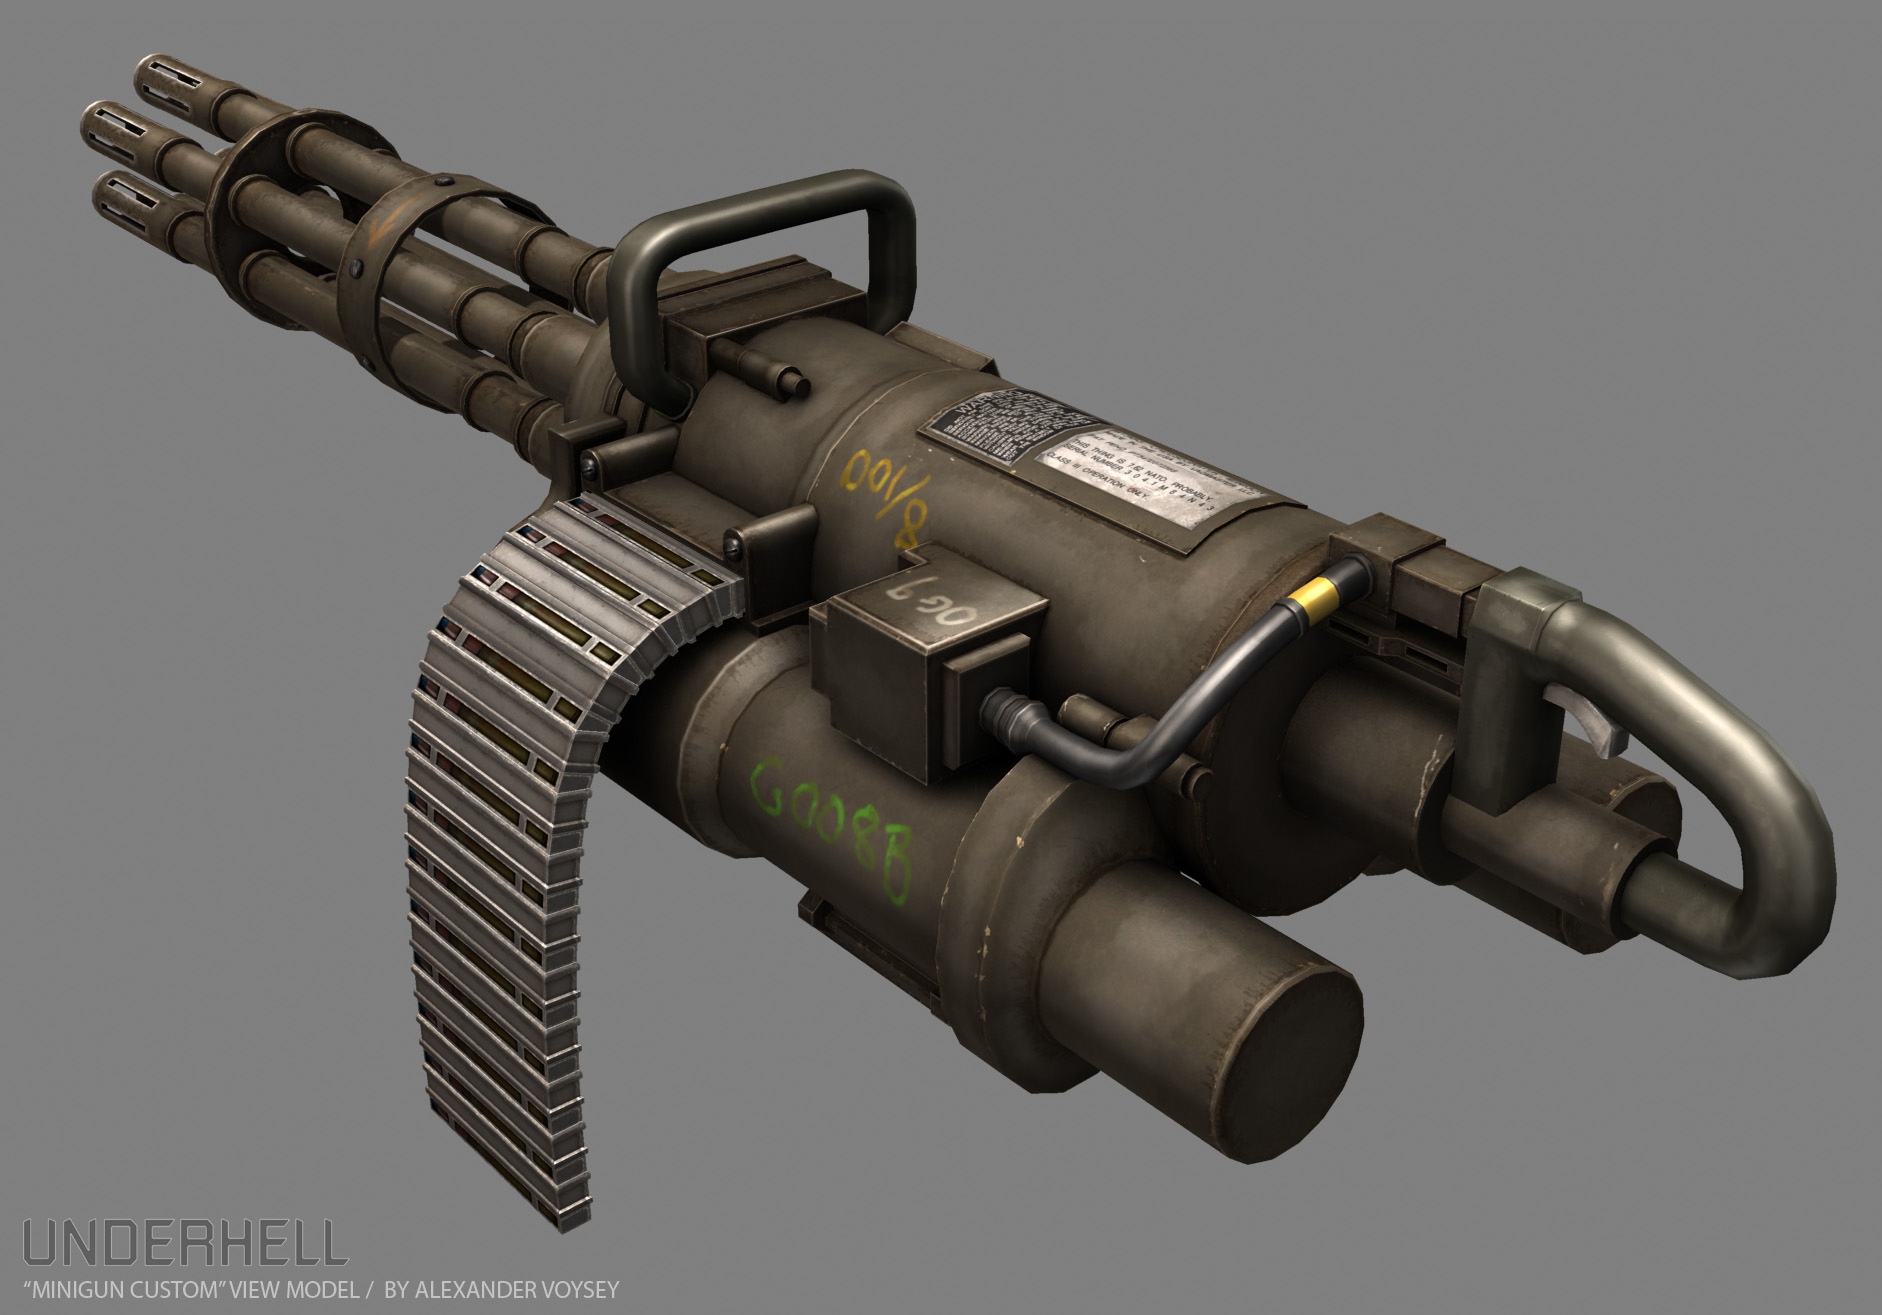 New Minigun by Alexander Voysey image - Underhell mod for Half-Life